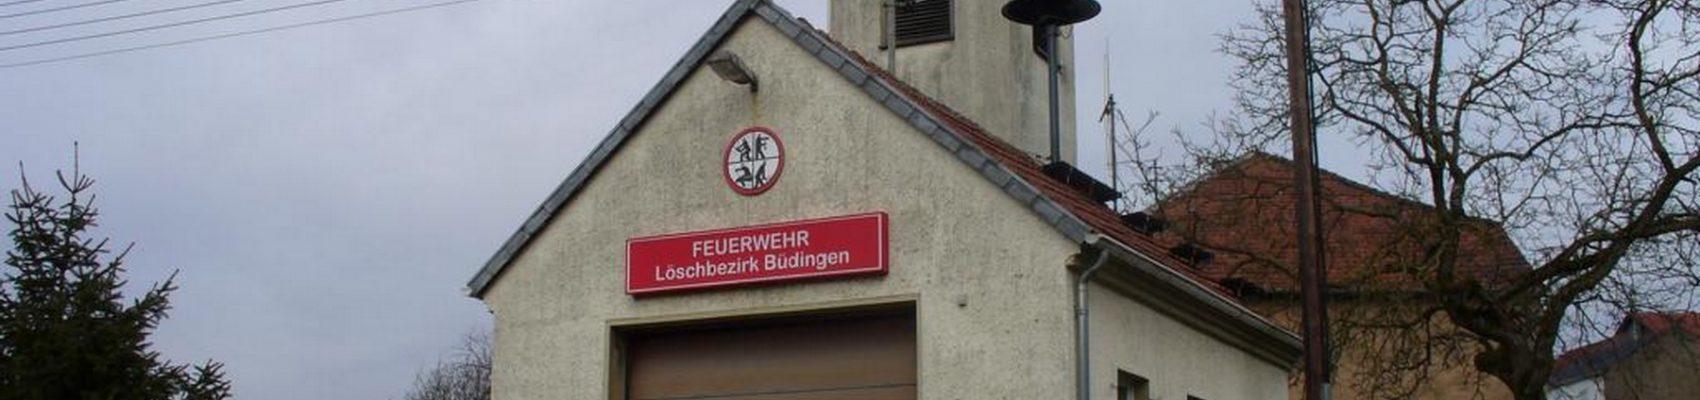 Feuerwehr Gerätehaus Büdingen